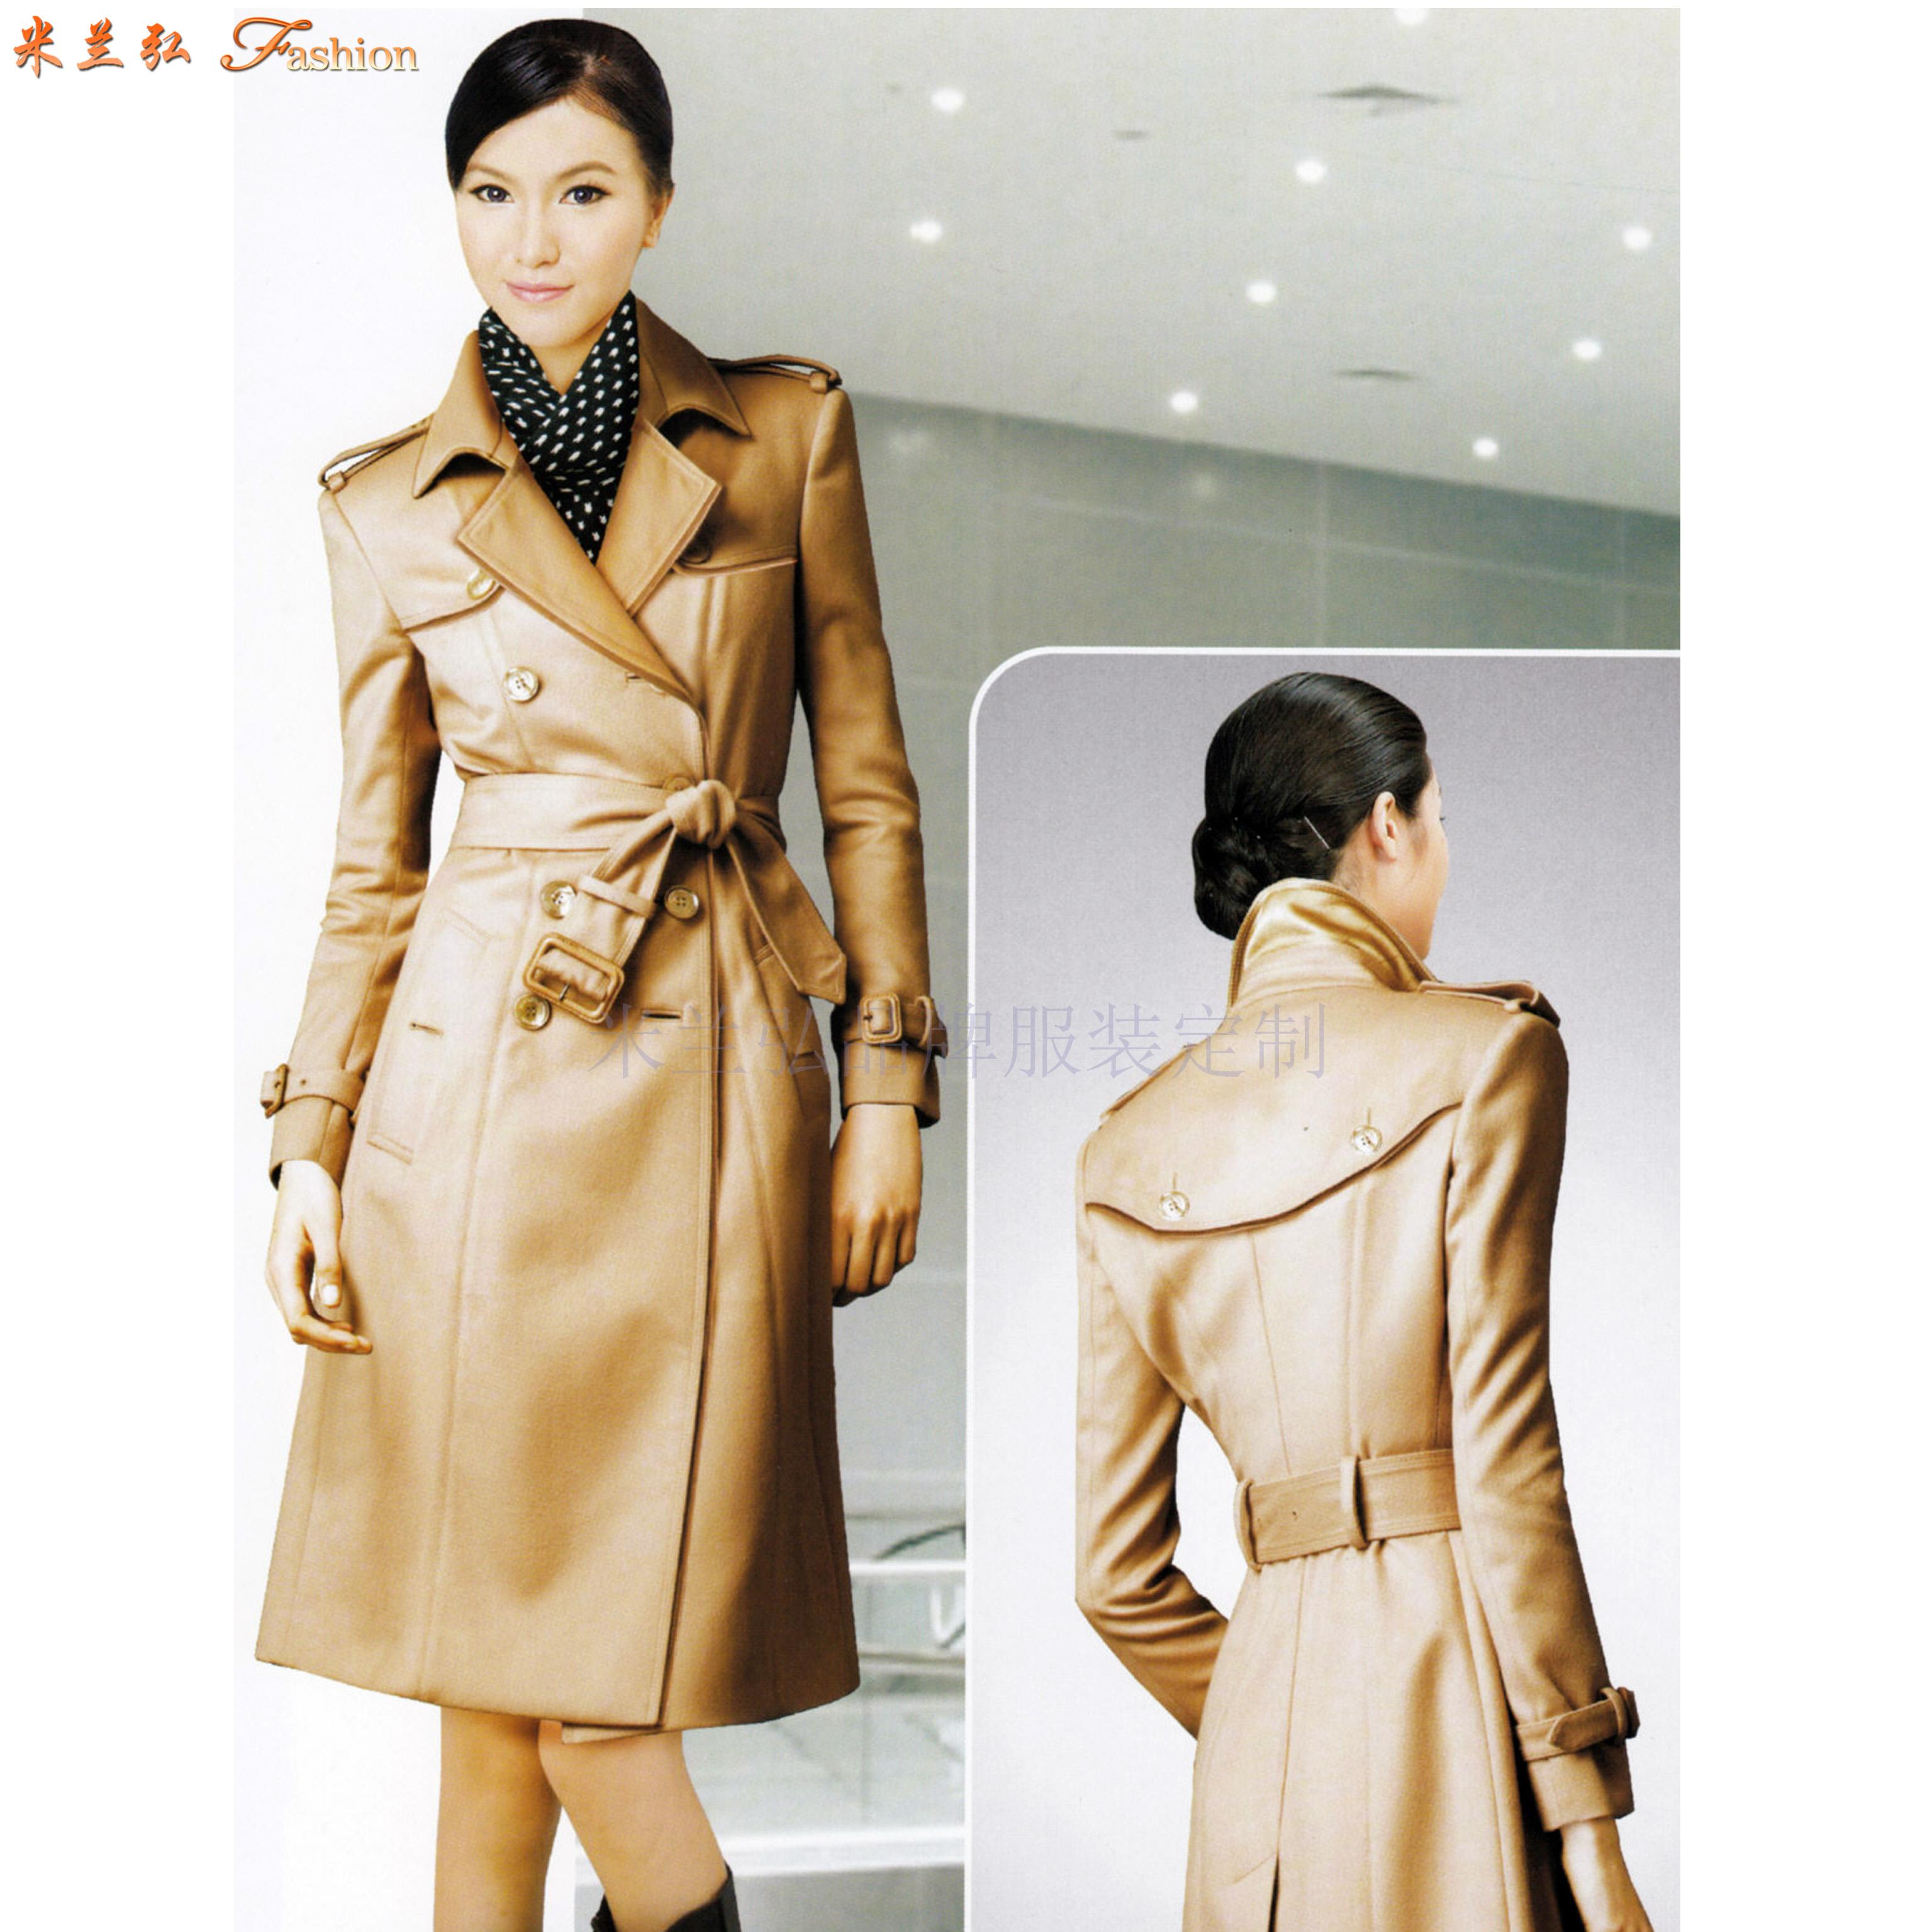 北京羊毛大衣定制-圖片_價格_流程_面料_-TOP米蘭弘大衣-2